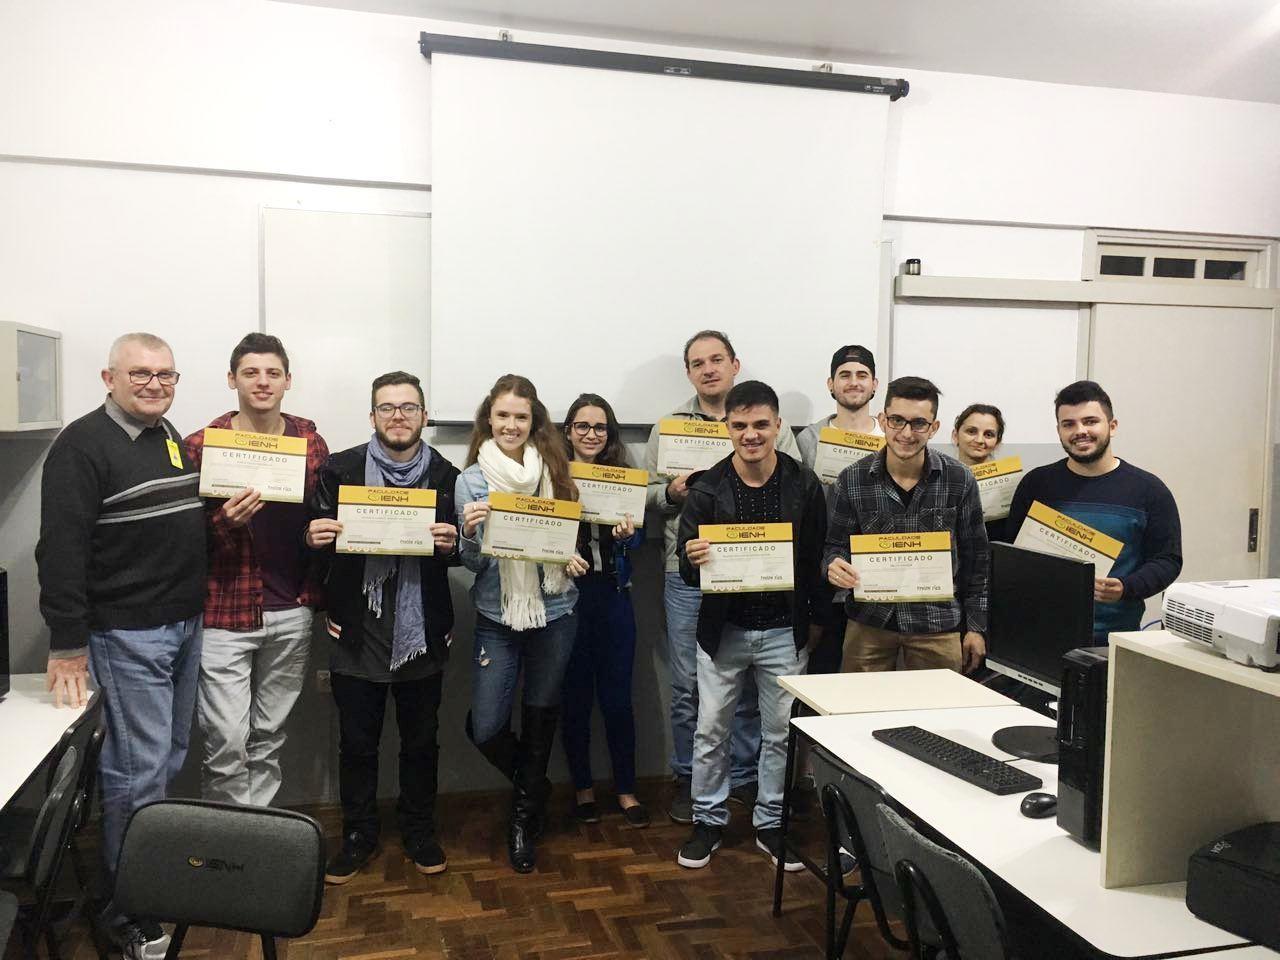 Certificados de conclusão são entregues para alunos do Curso de Excel